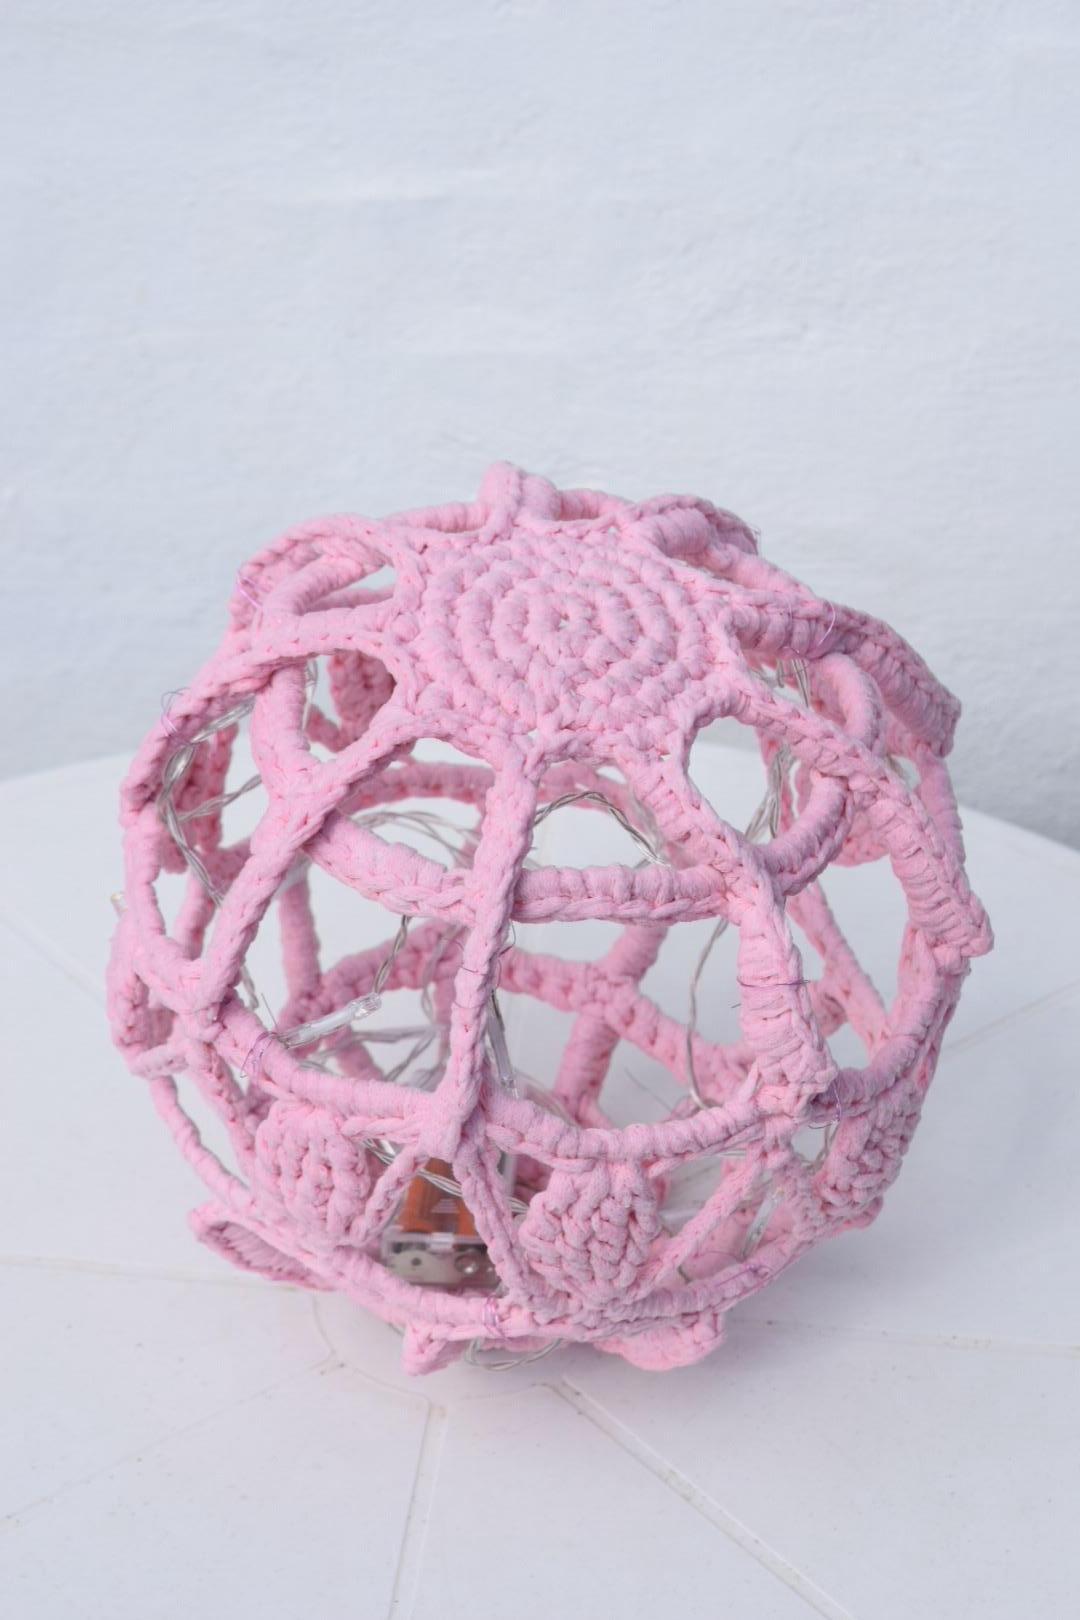 Mega lyskugle Ø ca 28 cm i ribbon hæklekit